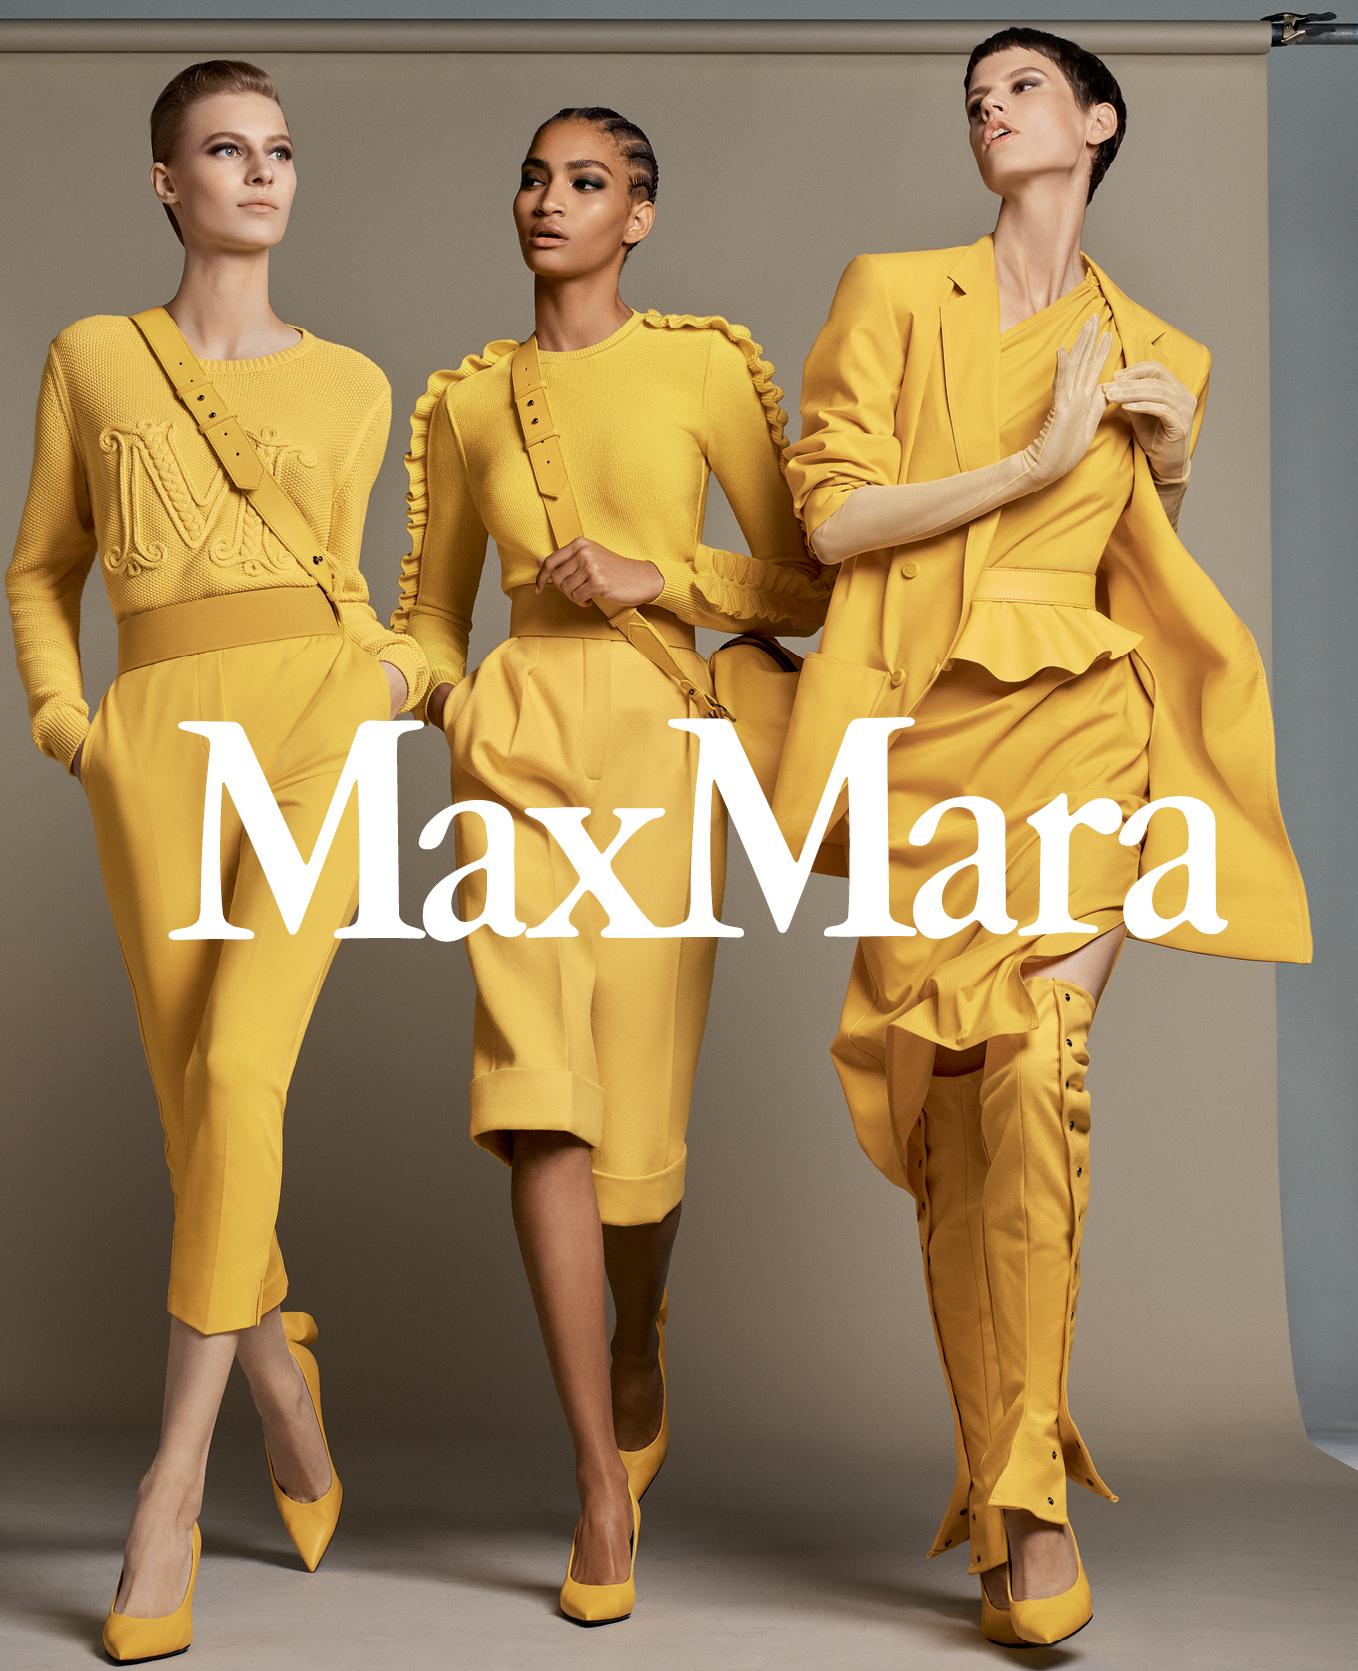 MAXMARA_SS19_URL_12131415.jpg